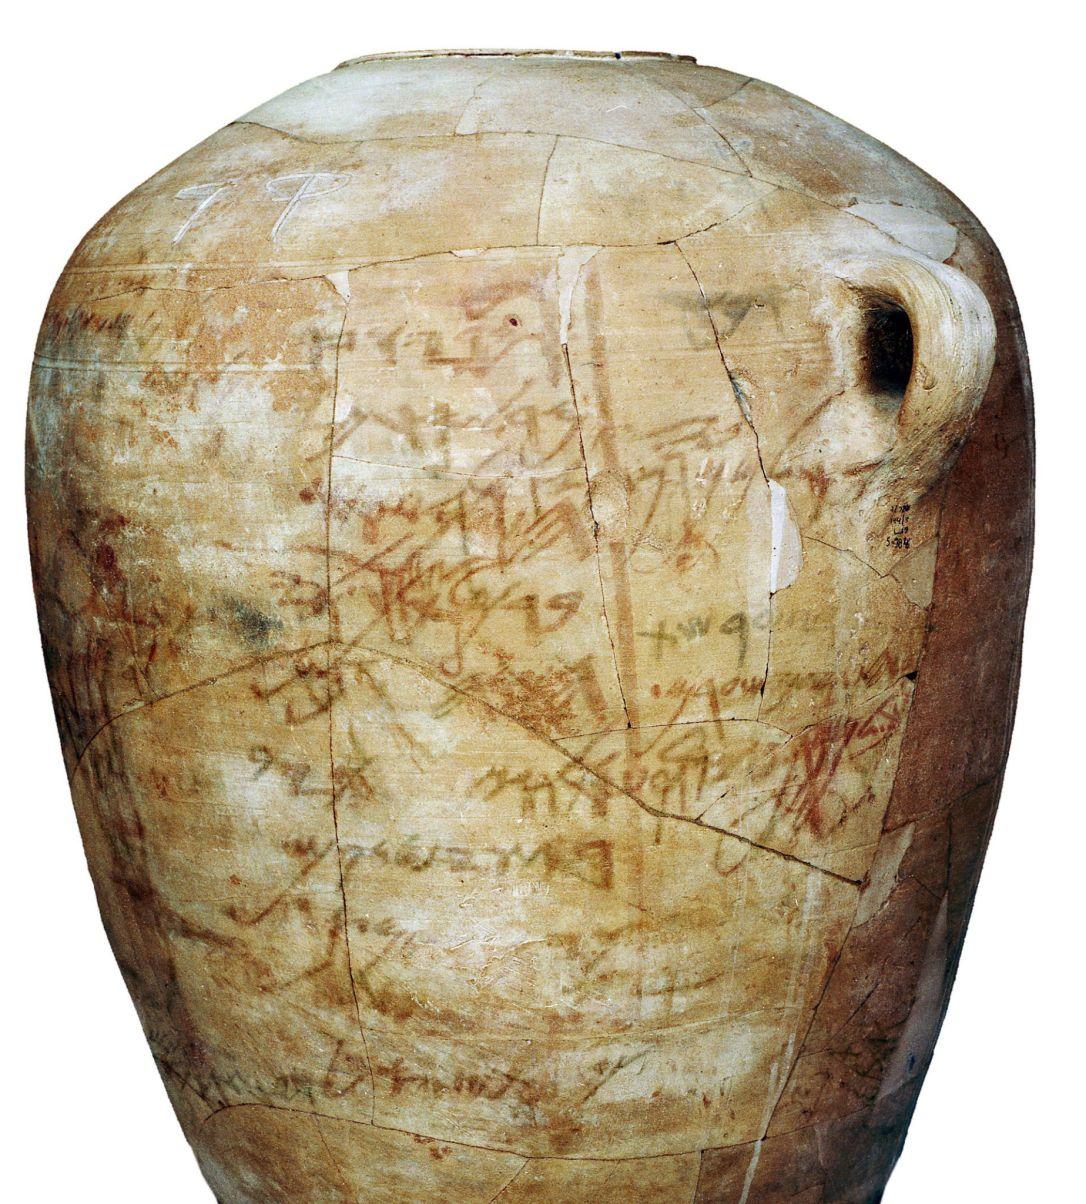 上图:1975年,特拉维夫大学的考古学家Ze'ev Meshel在西奈半岛东北部的Kuntillet Ajrud发现的主前9世纪晚期-8世纪早期的大口陶瓷坛,上面画有各种亚兰/腓尼基风格的动物、树、人物和神明,并用早期希伯来文和腓尼基文字提到了「耶和华」、「神」和「巴力」。其中用早期希伯来文写着两个短语:「撒马利亚的耶和华与他的亚舍拉」、「提幔的耶和华与他的亚舍拉」。「撒马利亚」是北国以色列的首都,提幔是以东人(创三十六15),「亚舍拉」的意思是「树丛」,可能指迦南女神亚舍拉,也可以指代表亚舍拉的神木、神树。这些陶片反映了当时信仰掺杂的情况,表明北国以色列和受犹大控制的以东在敬拜神的时候,祭坛旁边都有木柱或树。